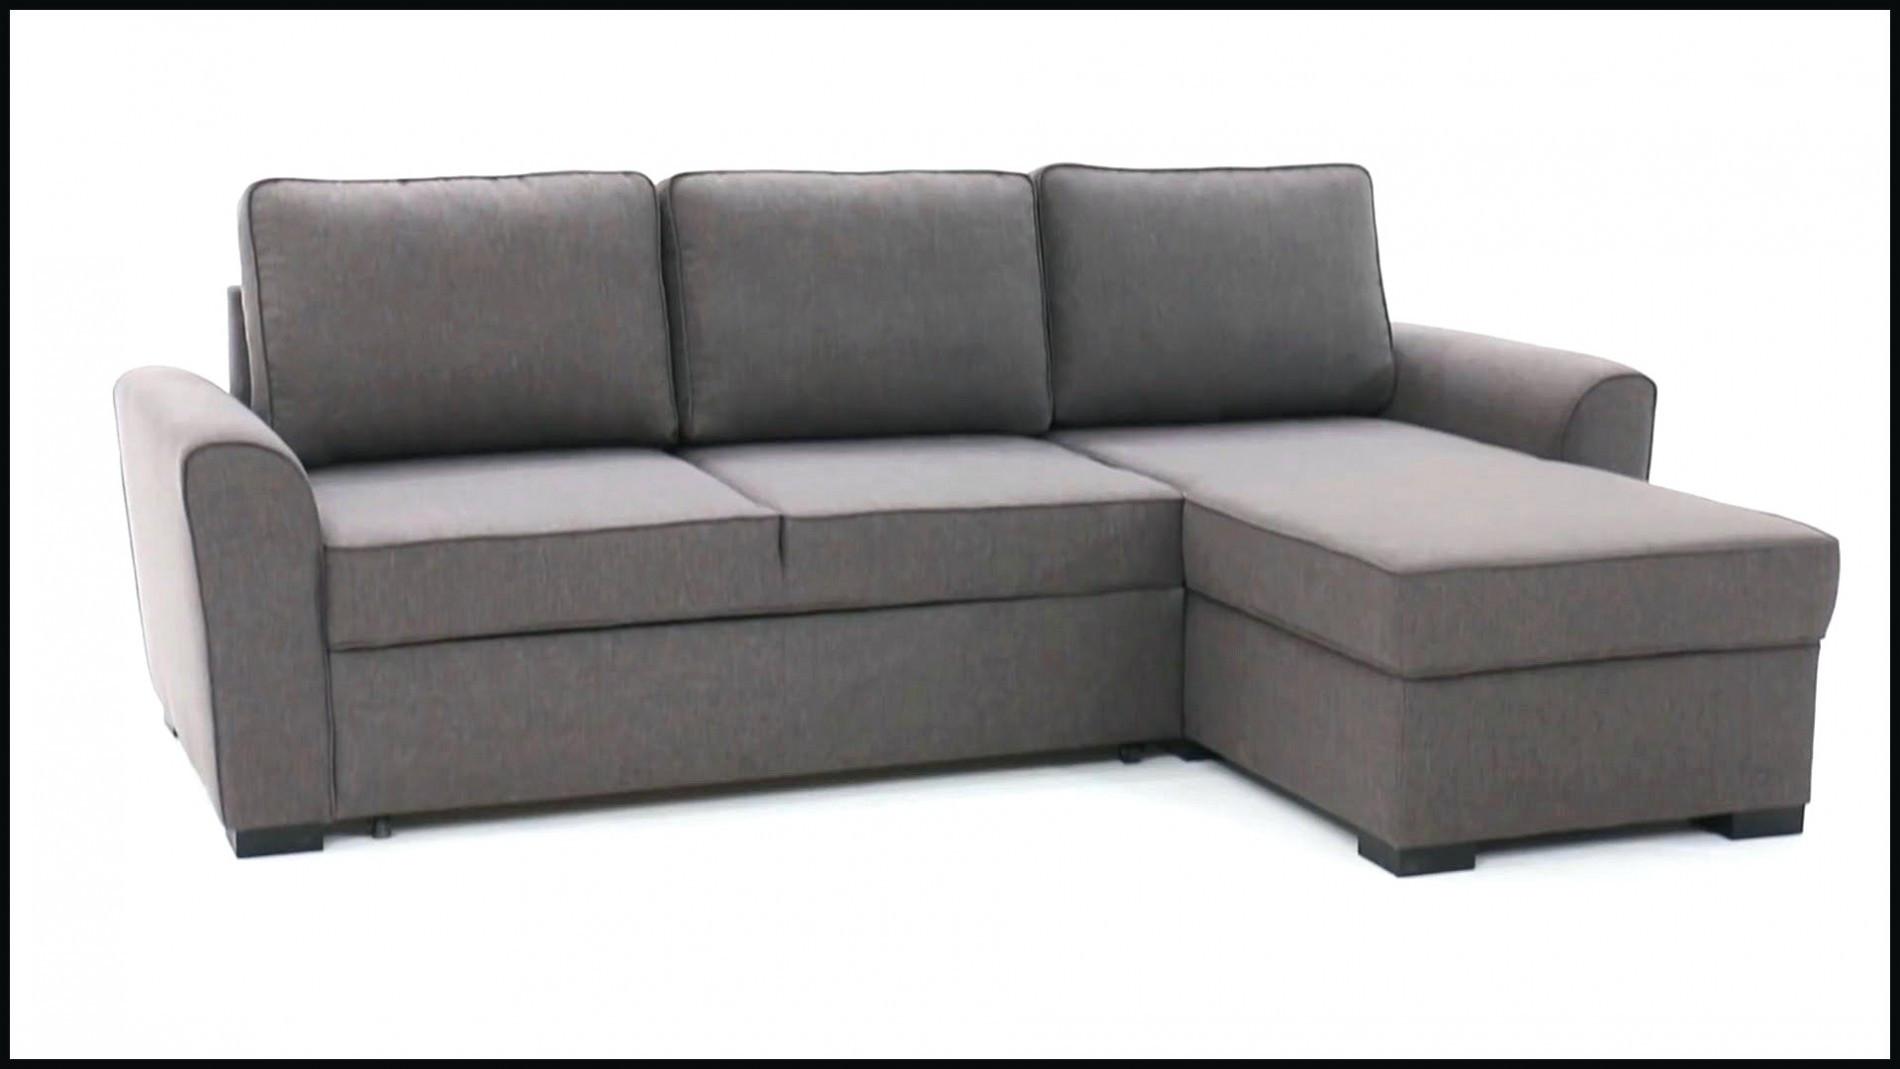 Canapé Velours Cotelé Ikea Meilleur De Photos La Charmant Choisir Un Canapé Conception  Perfectionner La G Te